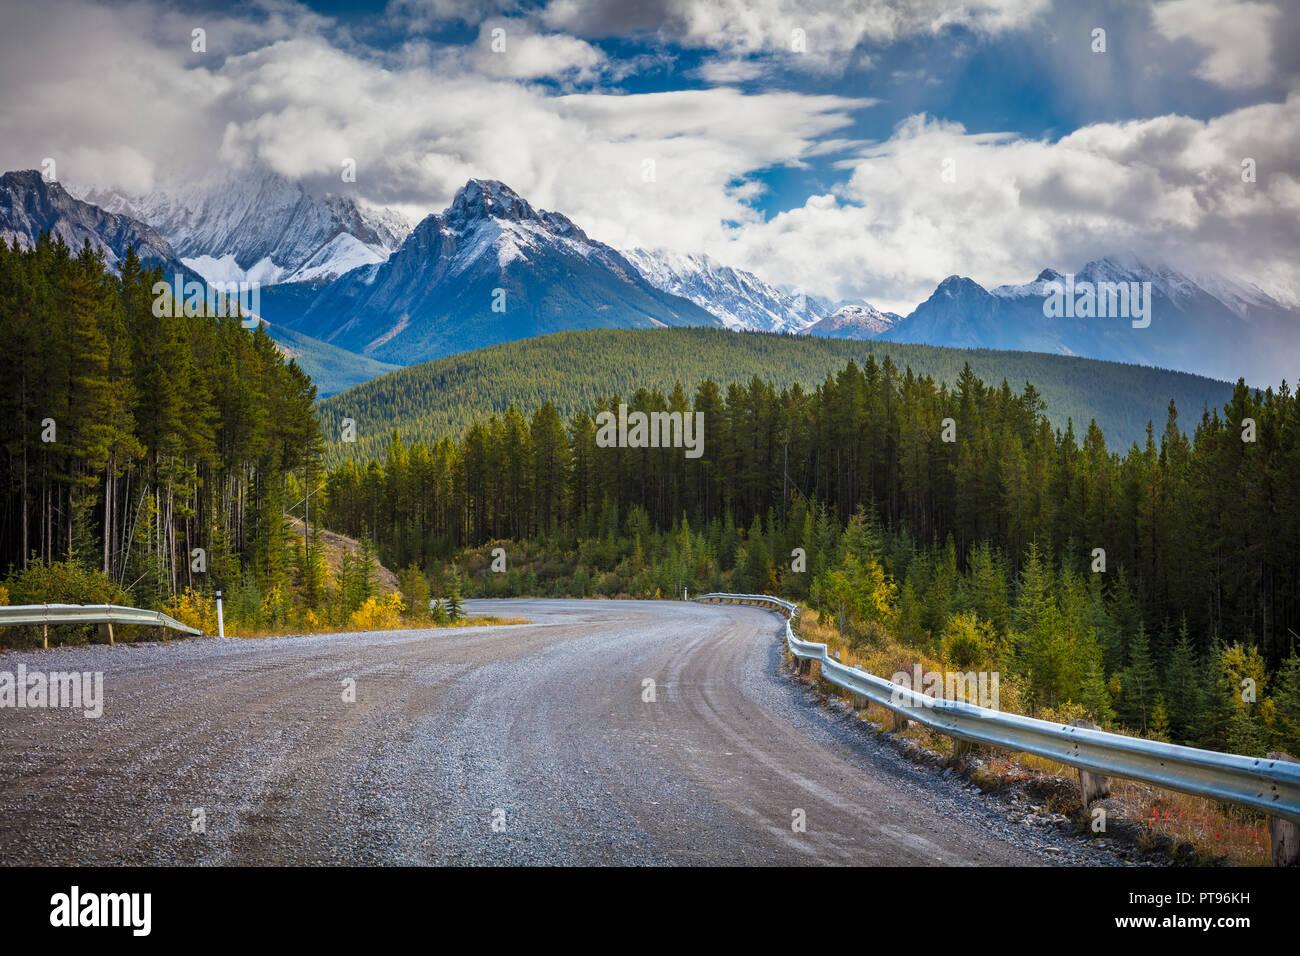 Kananaskis Country è un sistema di parcheggio situato a ovest di Calgary, Alberta, Canada nella fascia pedemontana e gamme anteriore delle Canadian Rockies. Kanana Immagini Stock